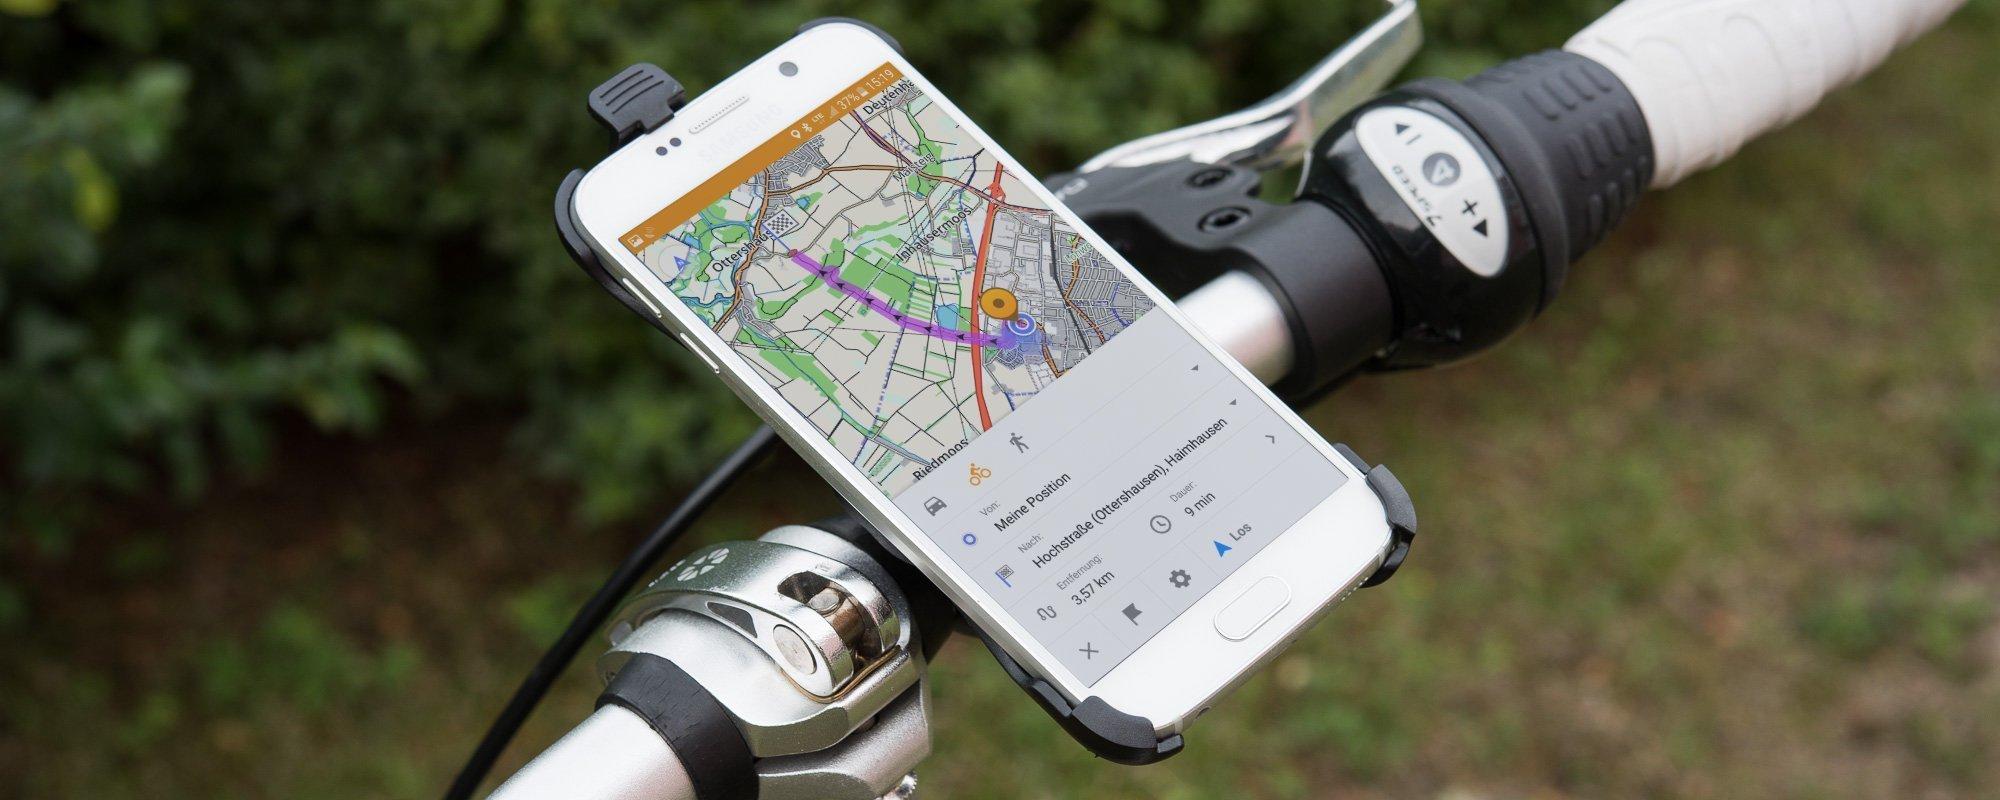 Beliebt ▷ OsmAnd im Test » kostenlose Android offline Navigation für TB65